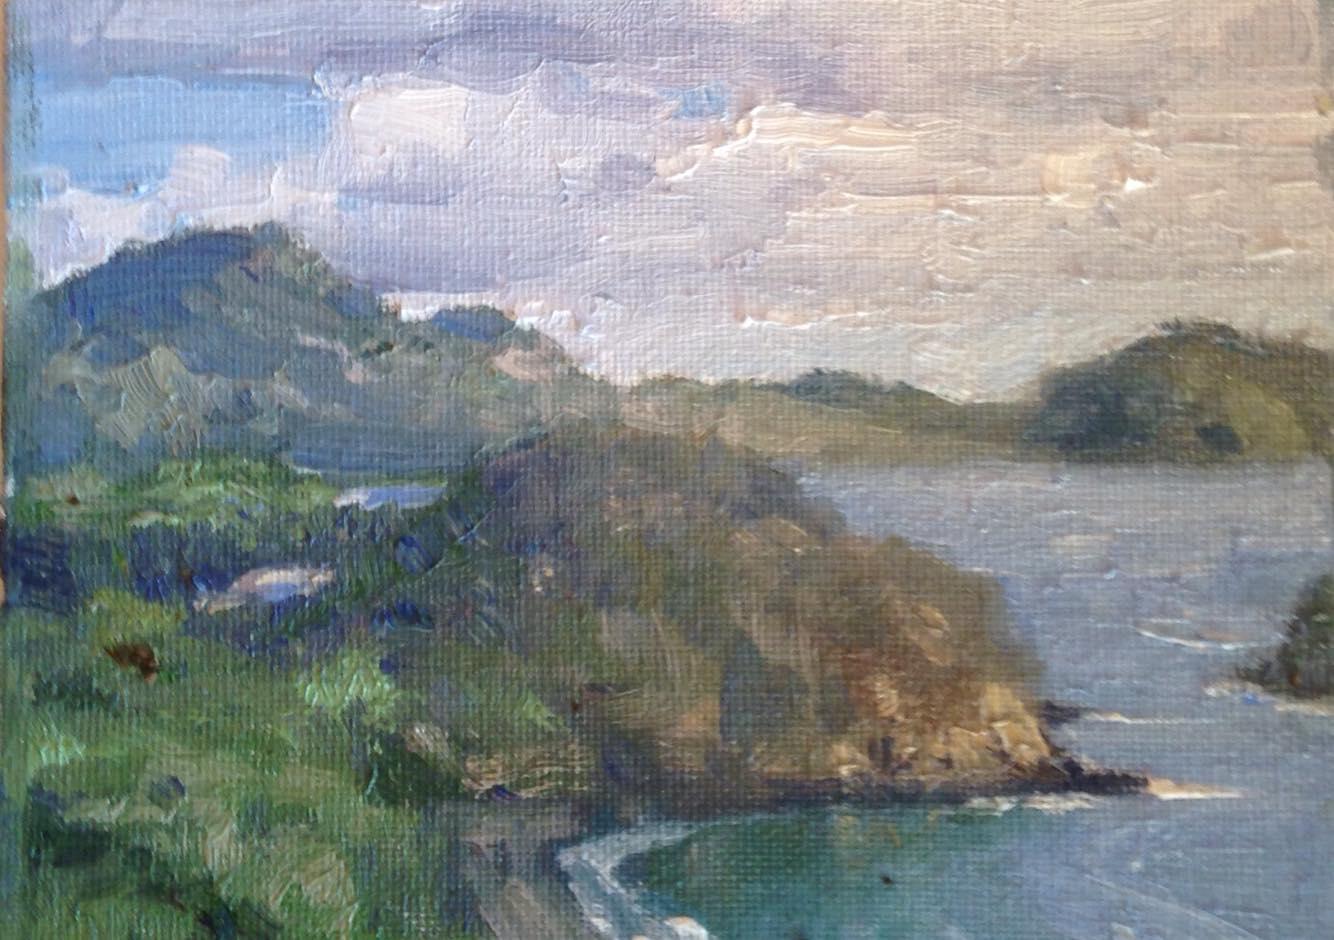 Costa Rica 02-20